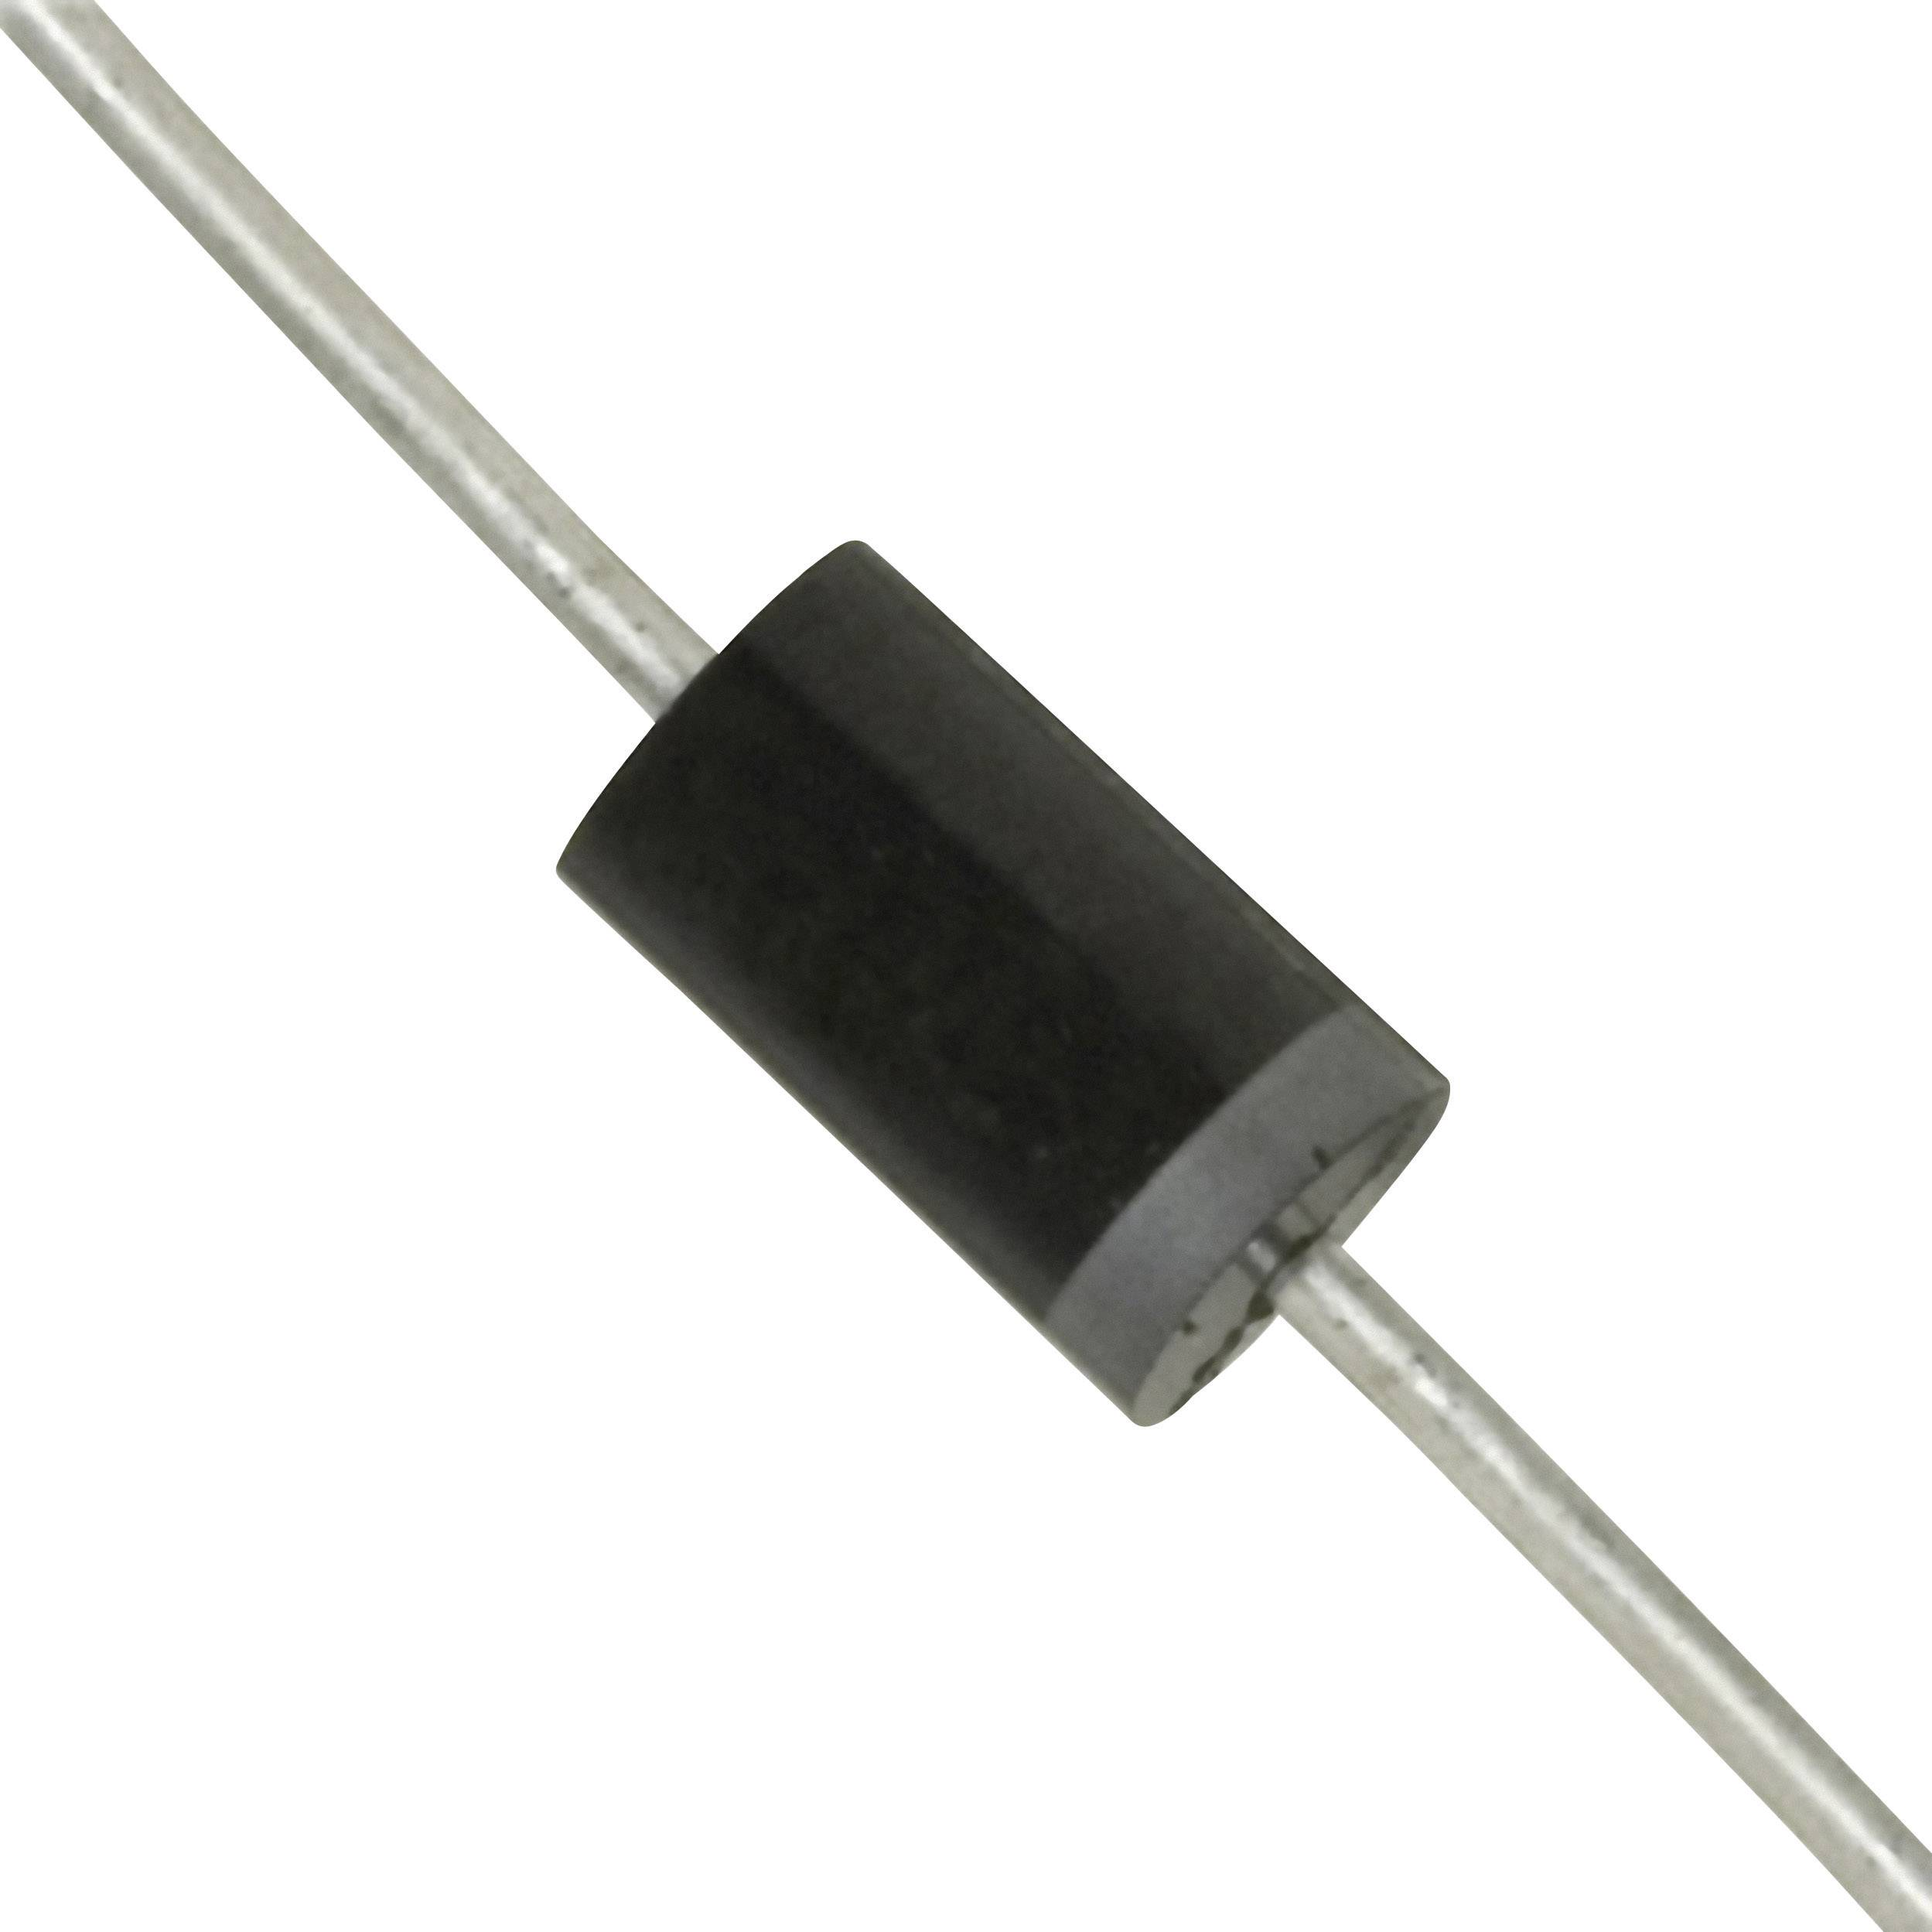 Zenerova dióda Diotec 1N5355B, DO-201, zener. napätie 18 V